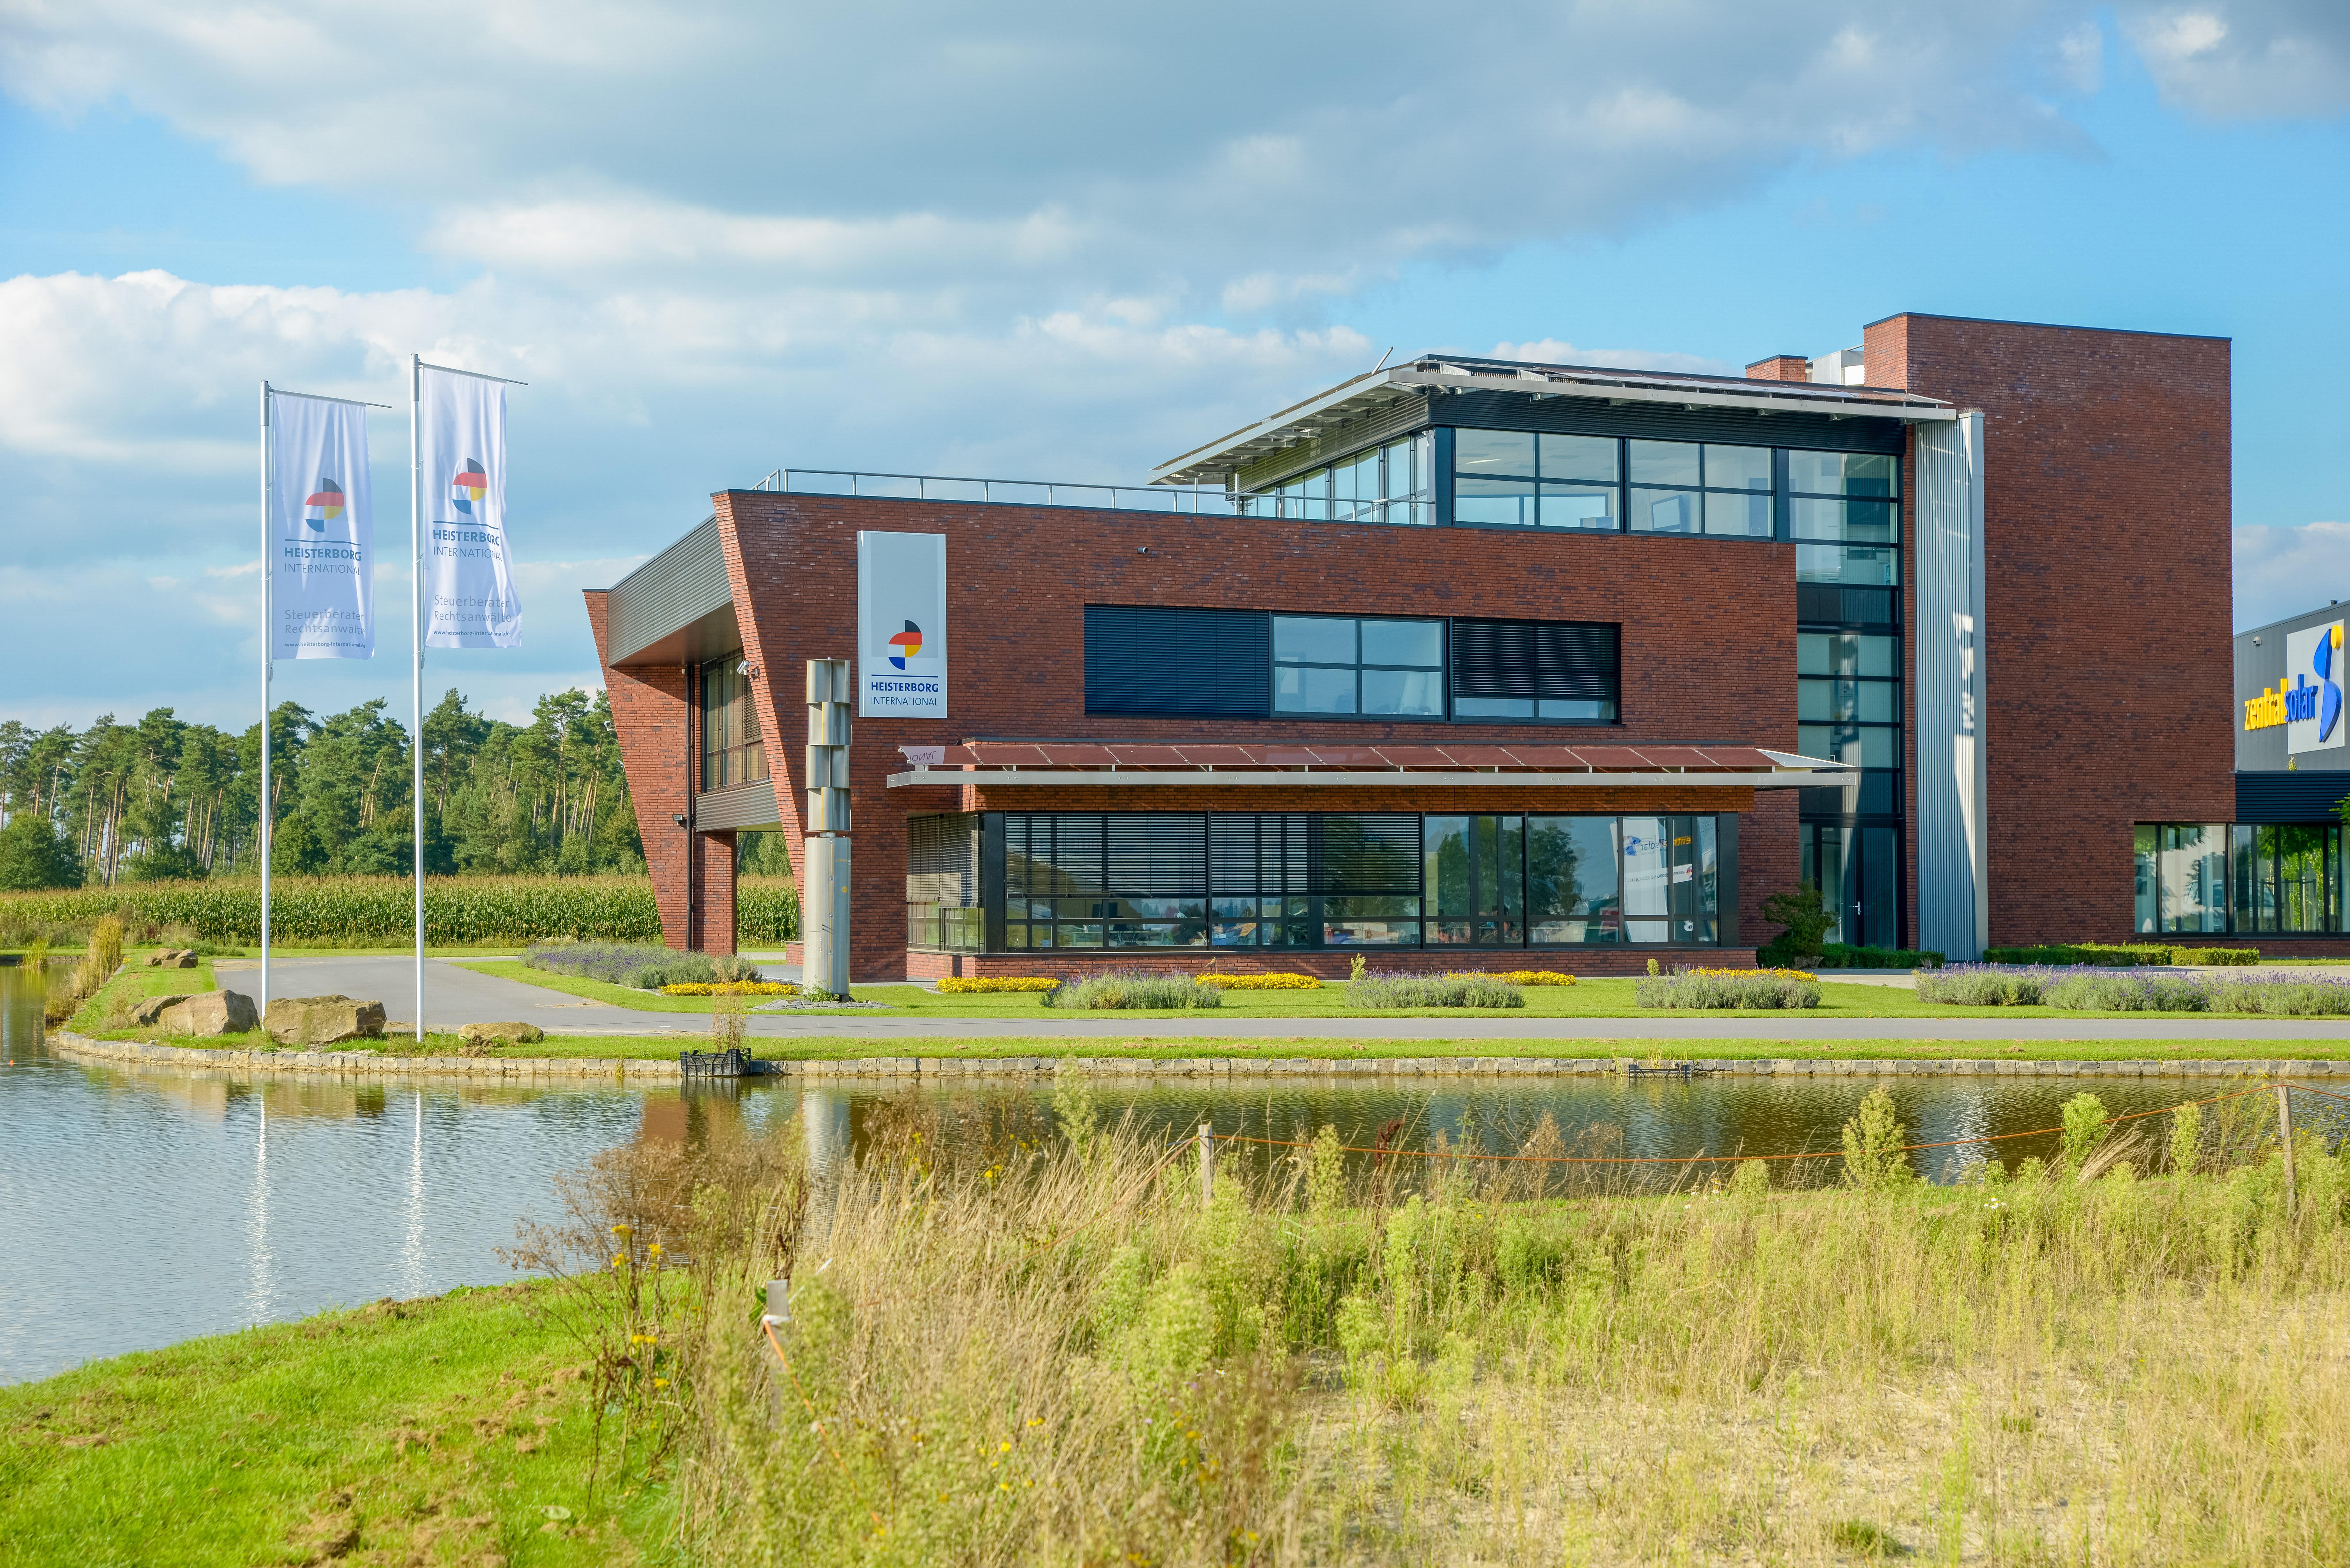 Gratis bijeenkomsten over Duitse personeelsadministratie voor Nederlandse ondernemers